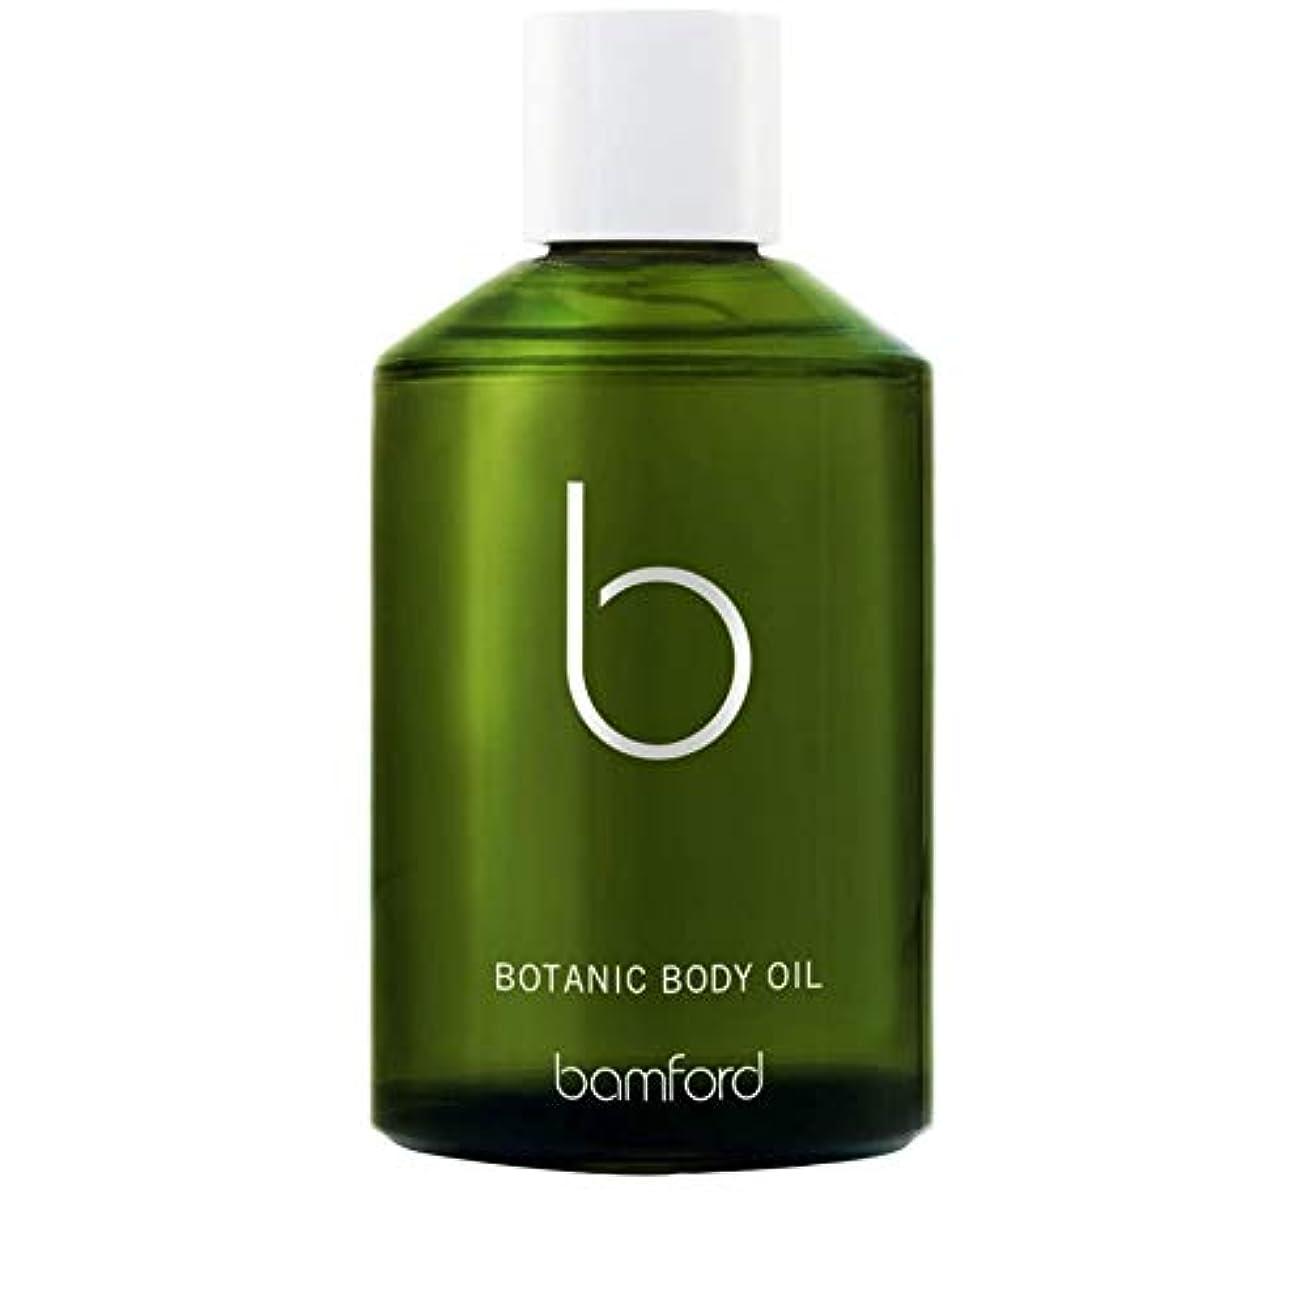 メールを書く欠かせない拒否[Bamford ] バンフォード植物のボディオイル125ミリリットル - Bamford Botanic Body Oil 125ml [並行輸入品]